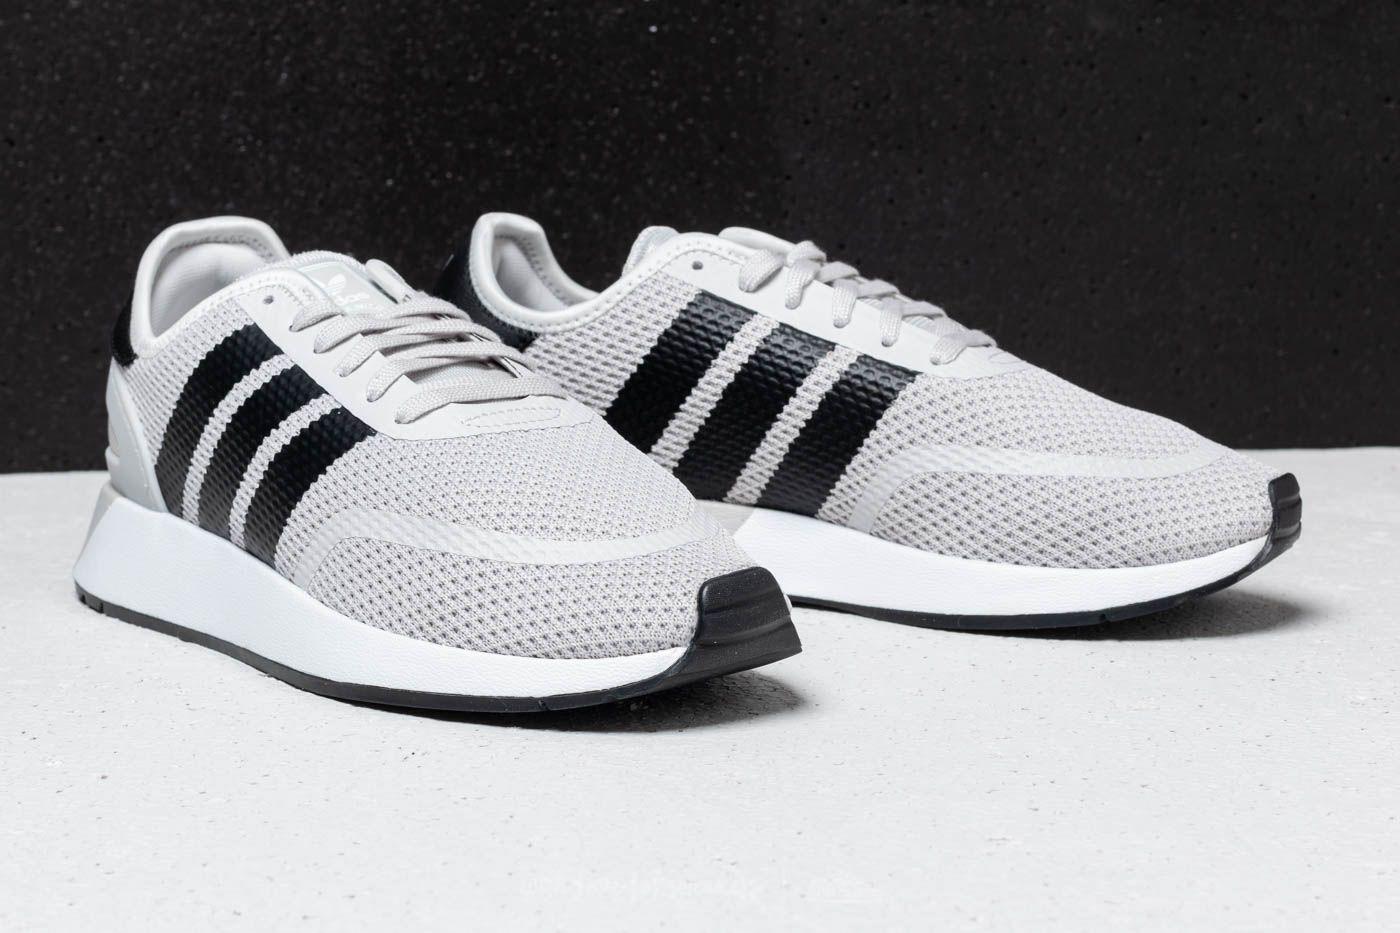 adidas N 5923 Grey One Core Black Ftw White | Footshop